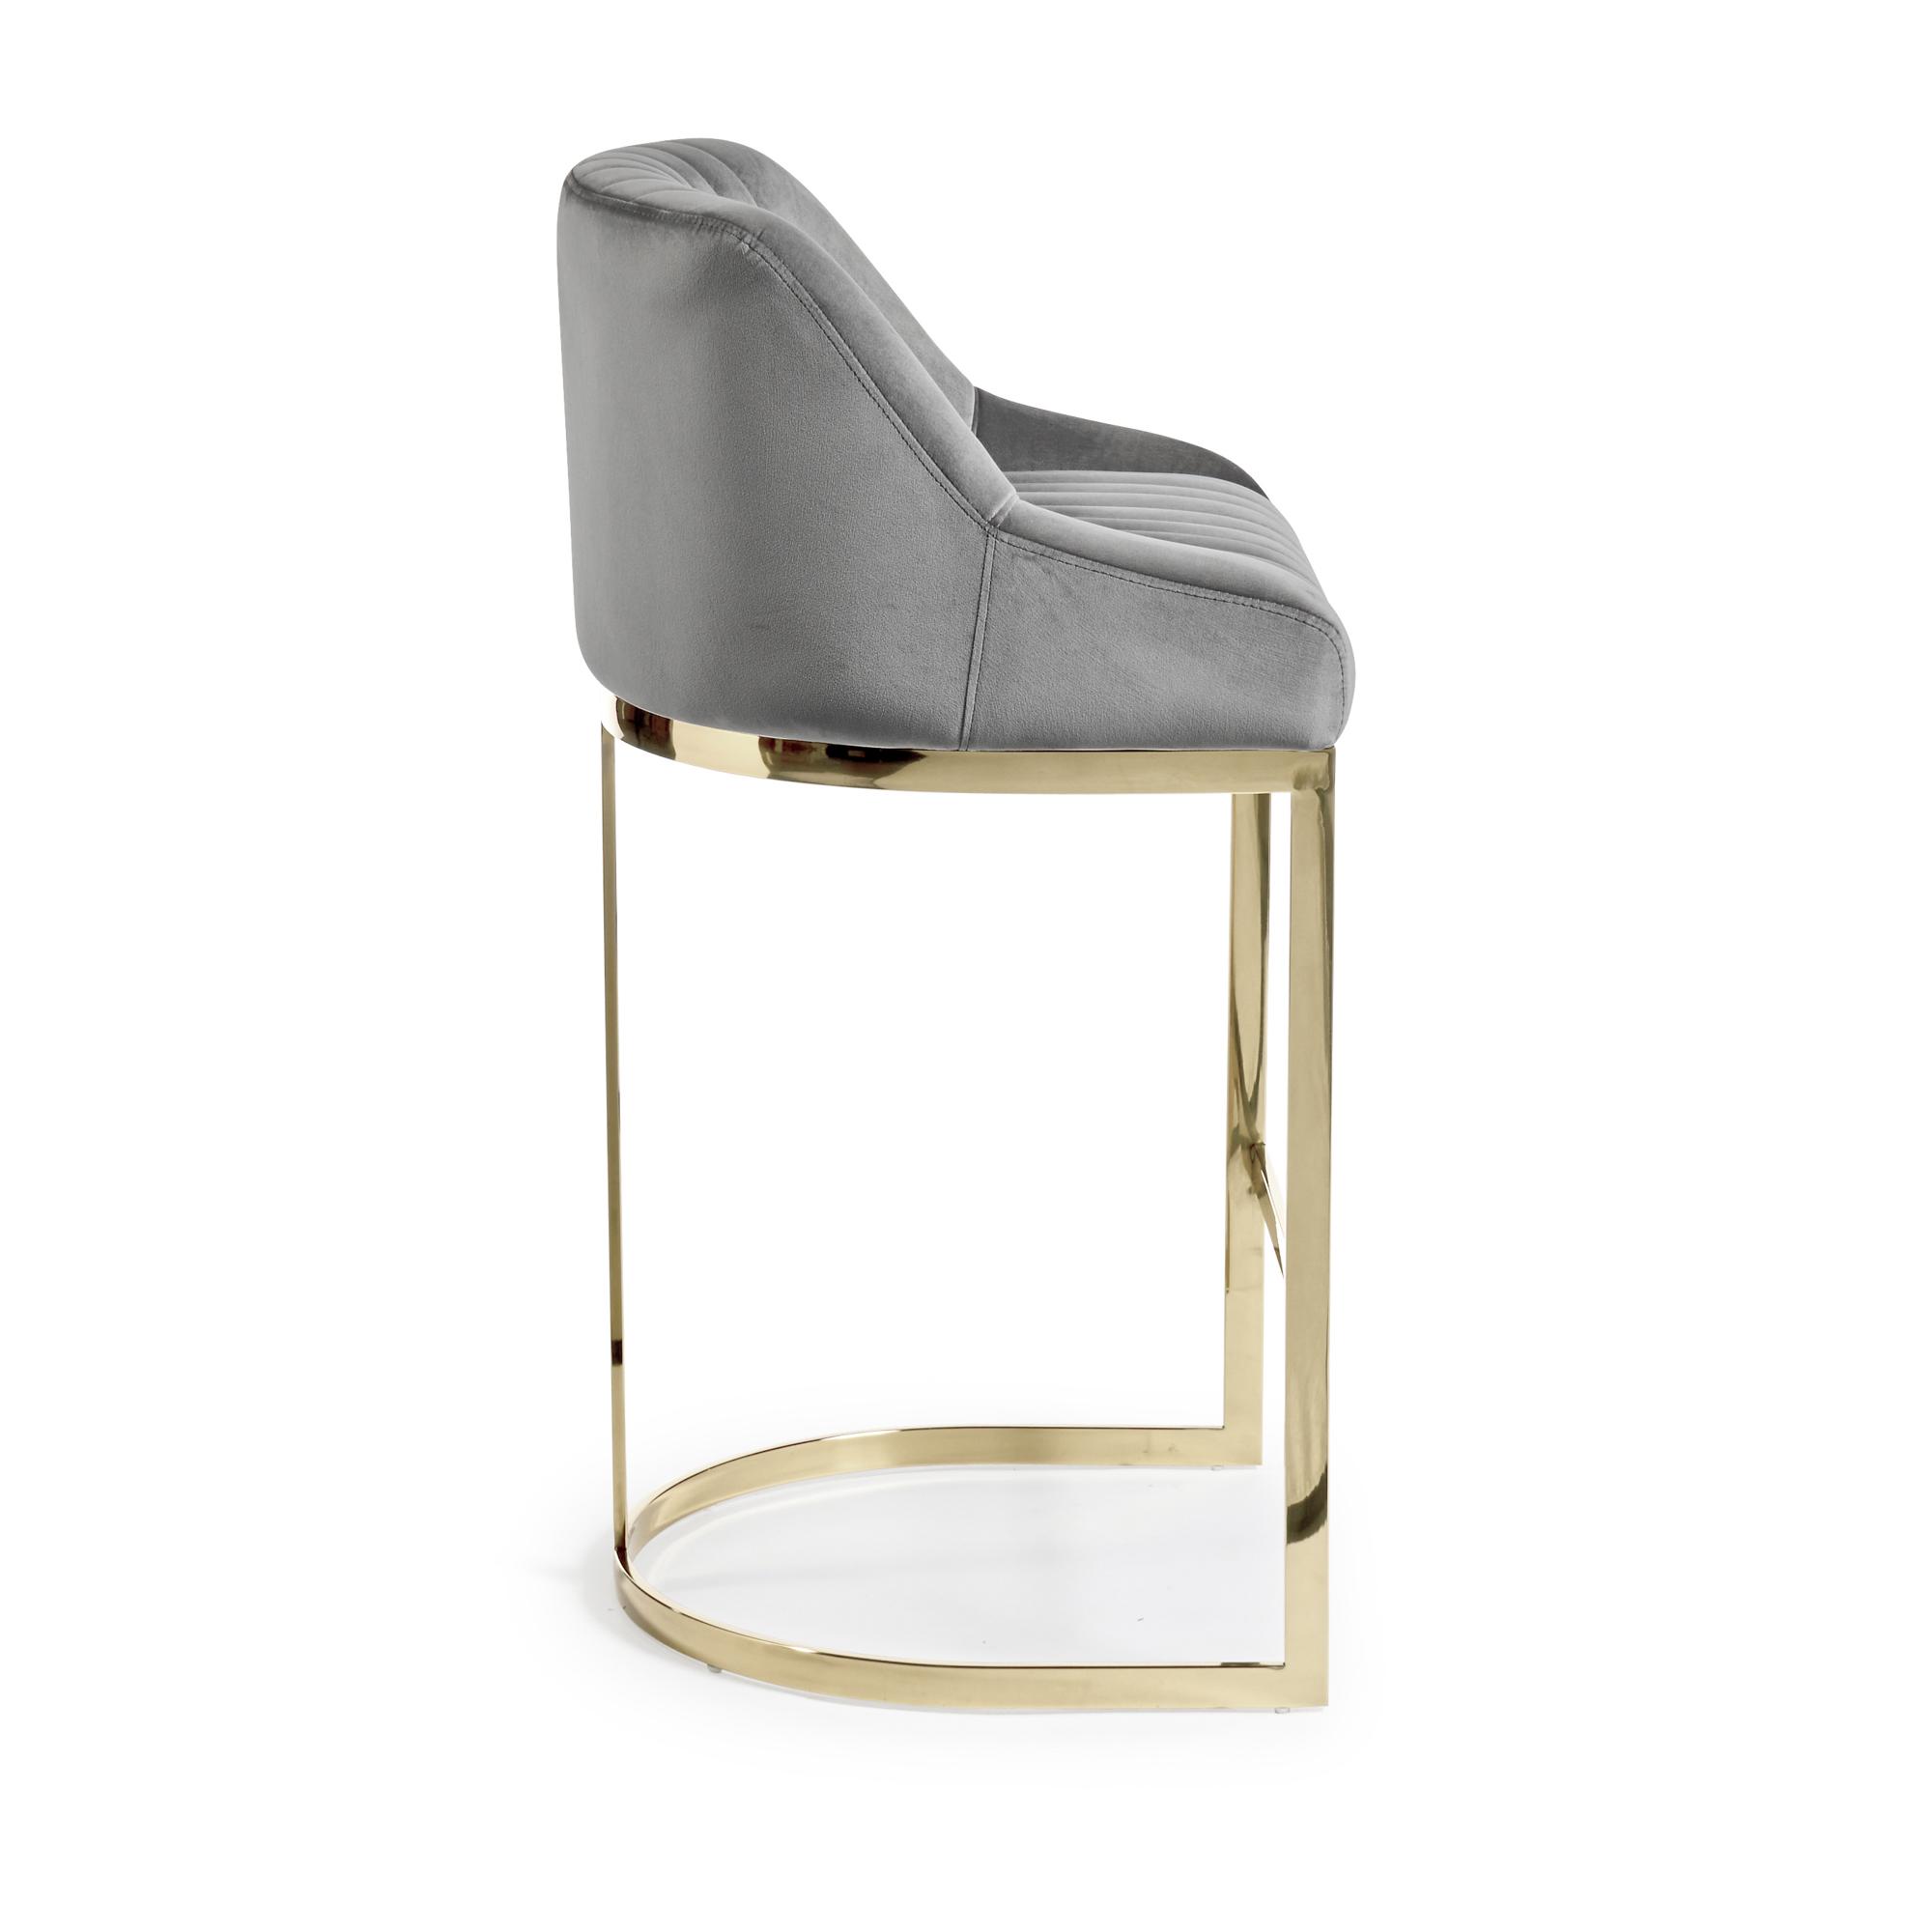 Barcelona Grey Velvet Bar Stool with a Gold Stainless Steel Frame